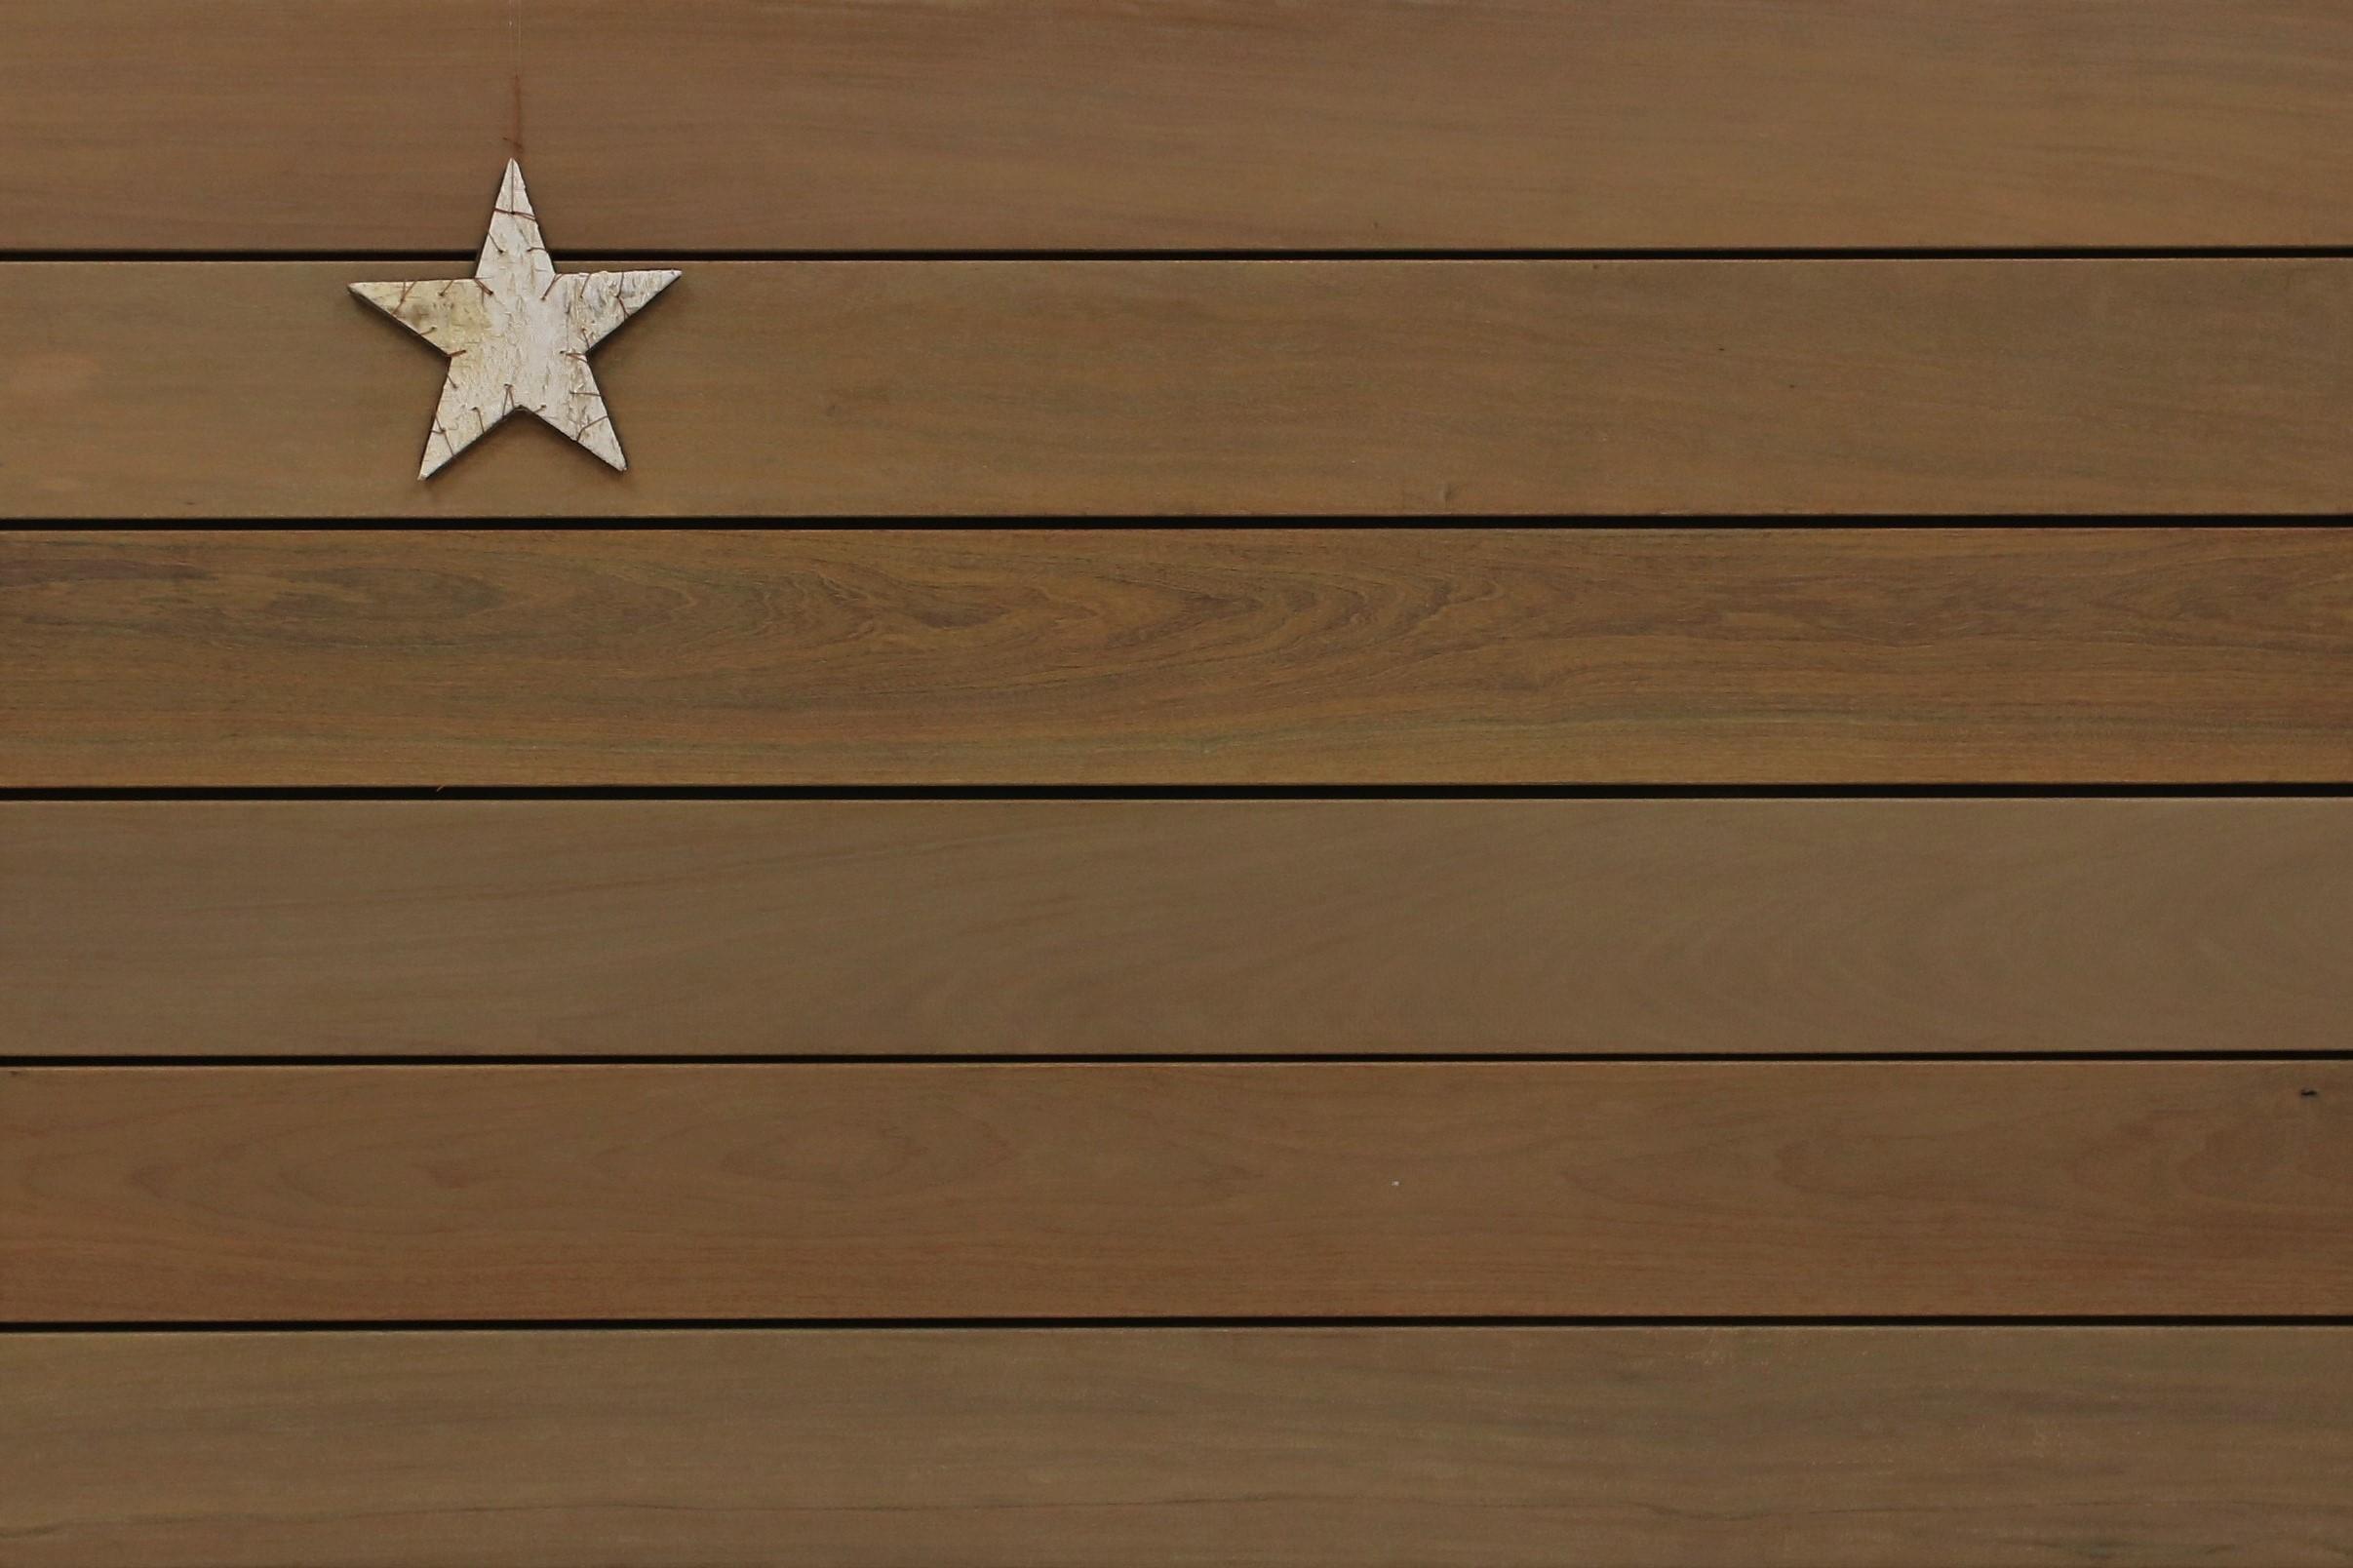 Angebot des Monats, Holzterrasse Ipe, glatt, 21 x 145 bis 6700 mm Dielen, Premium (KD) Holz Bretter für die Terrasse, 15,90 €/lfm